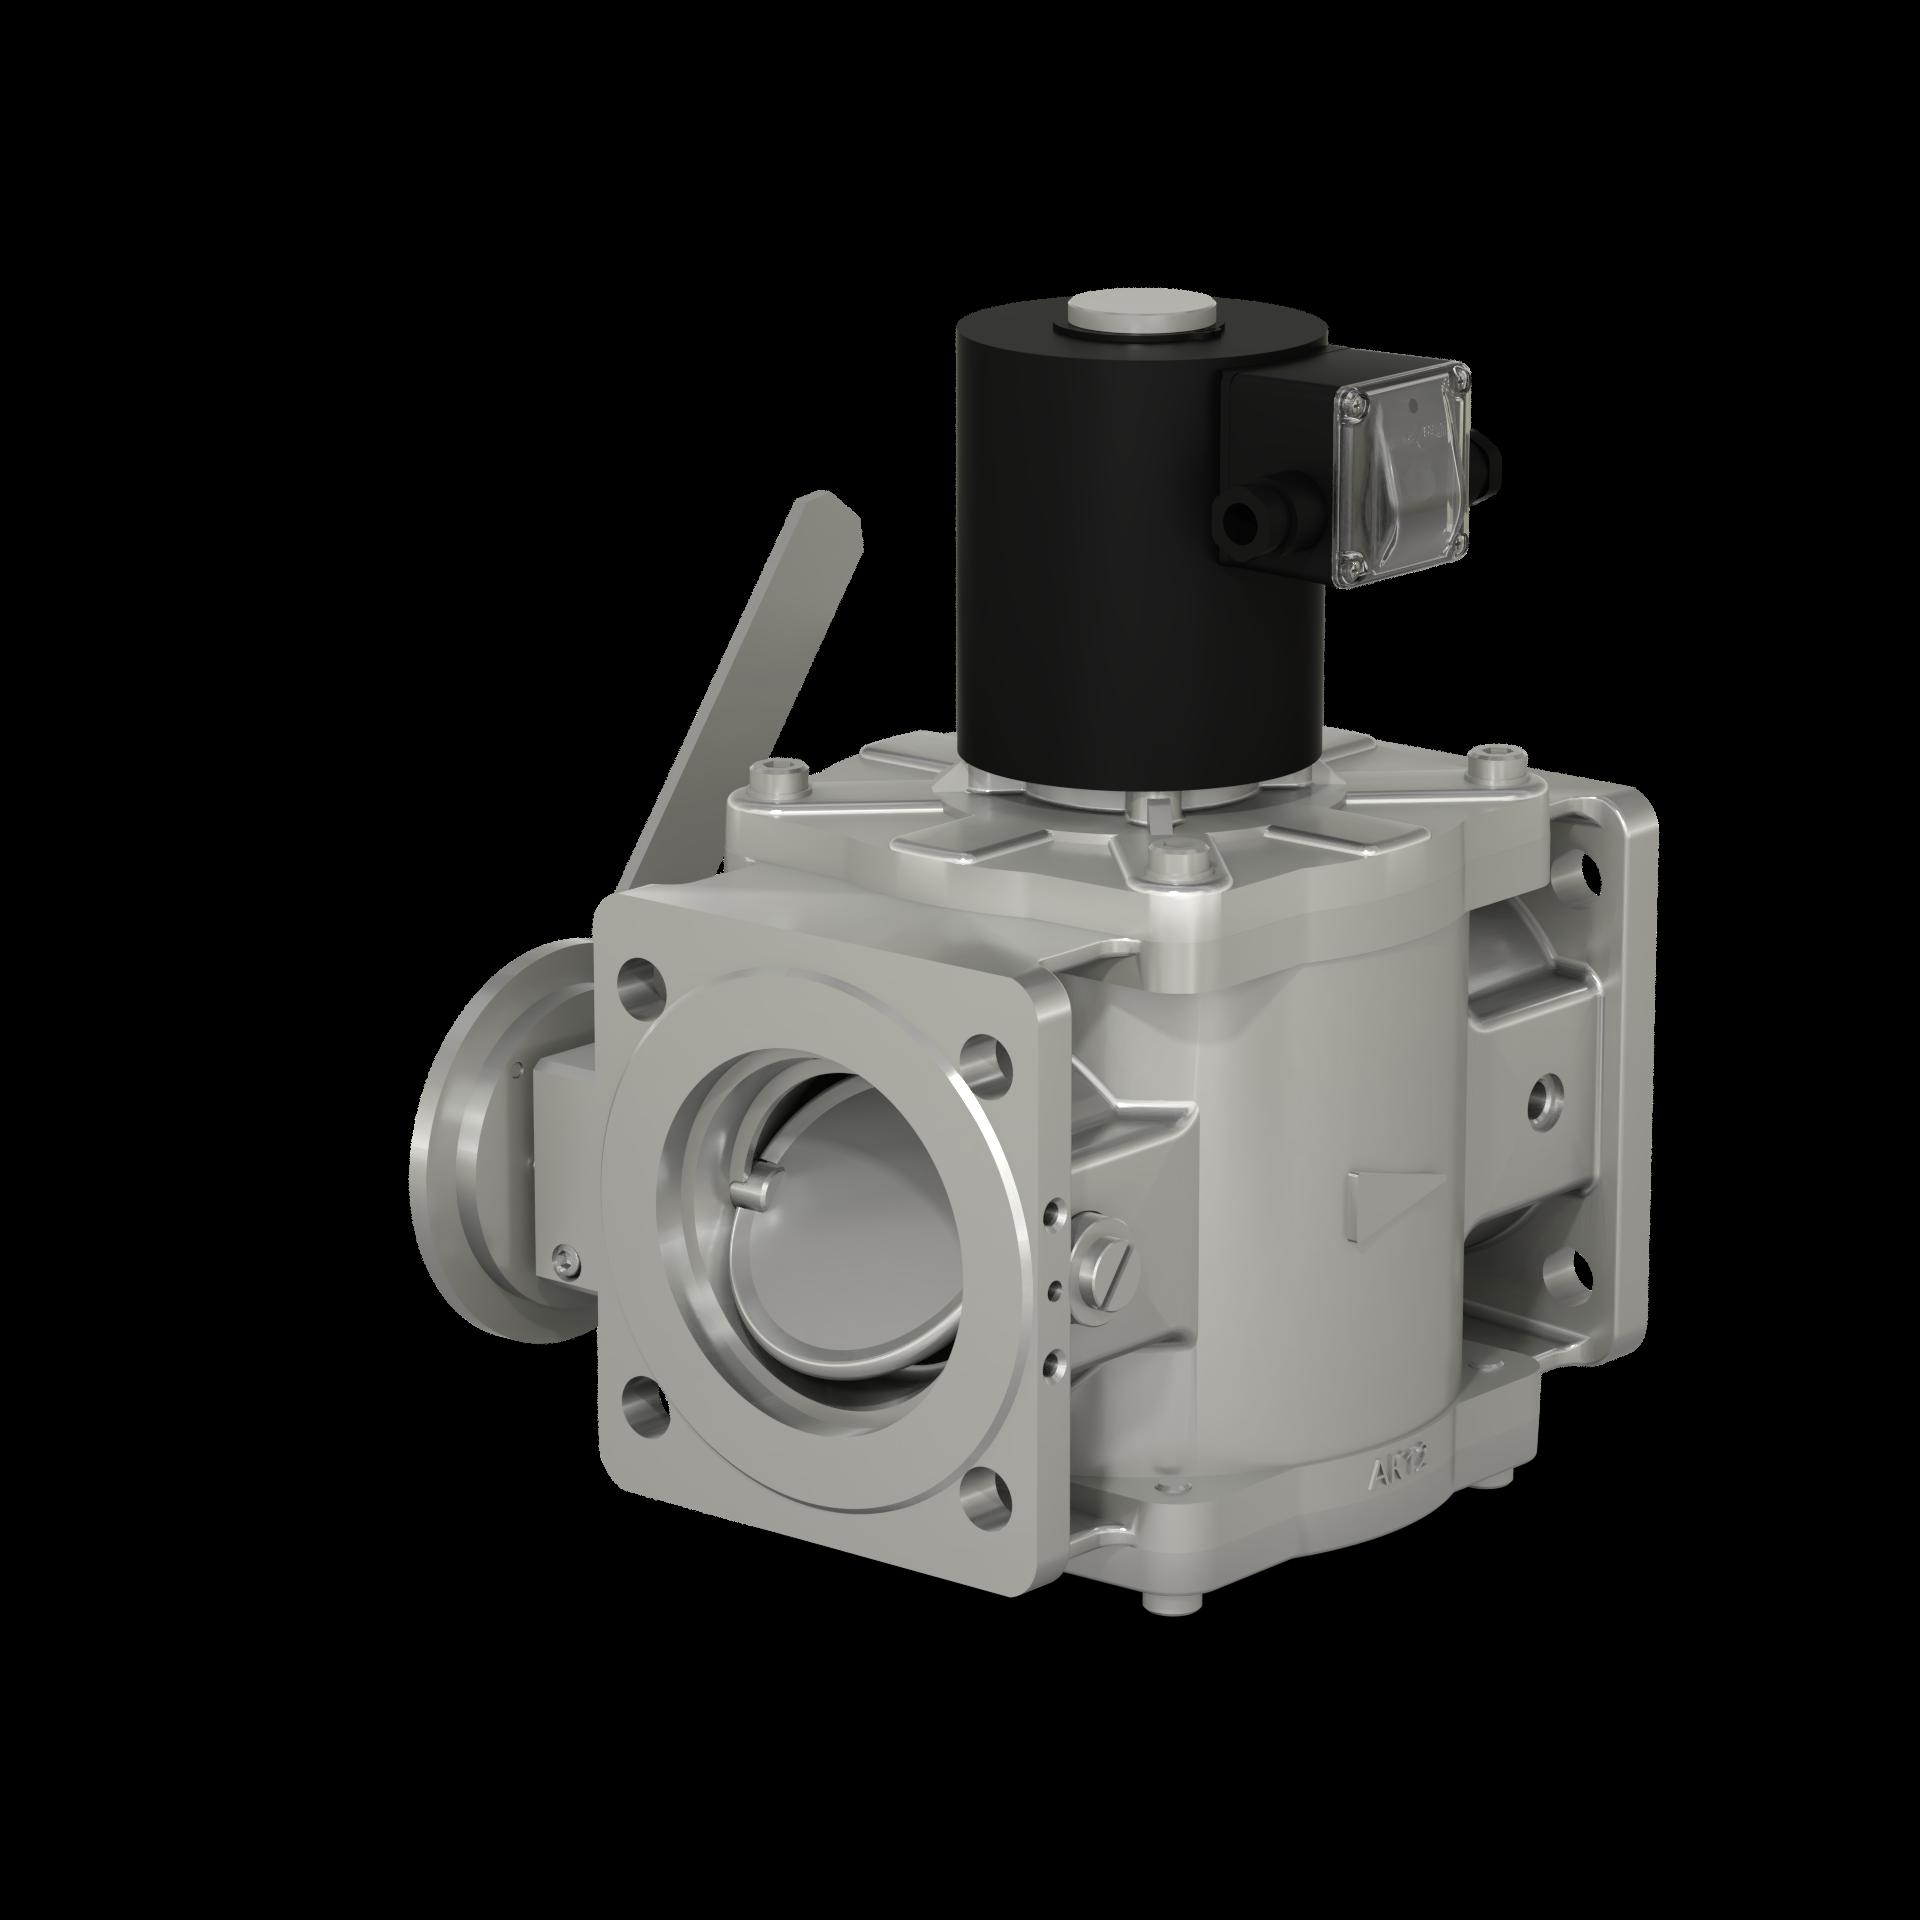 Клапаны электромагнитные двухпозиционные фланцевые с ручным регулятором расхода на DN 40, 50 (на давление до 0,6 МПа) и на DN 65 - 100